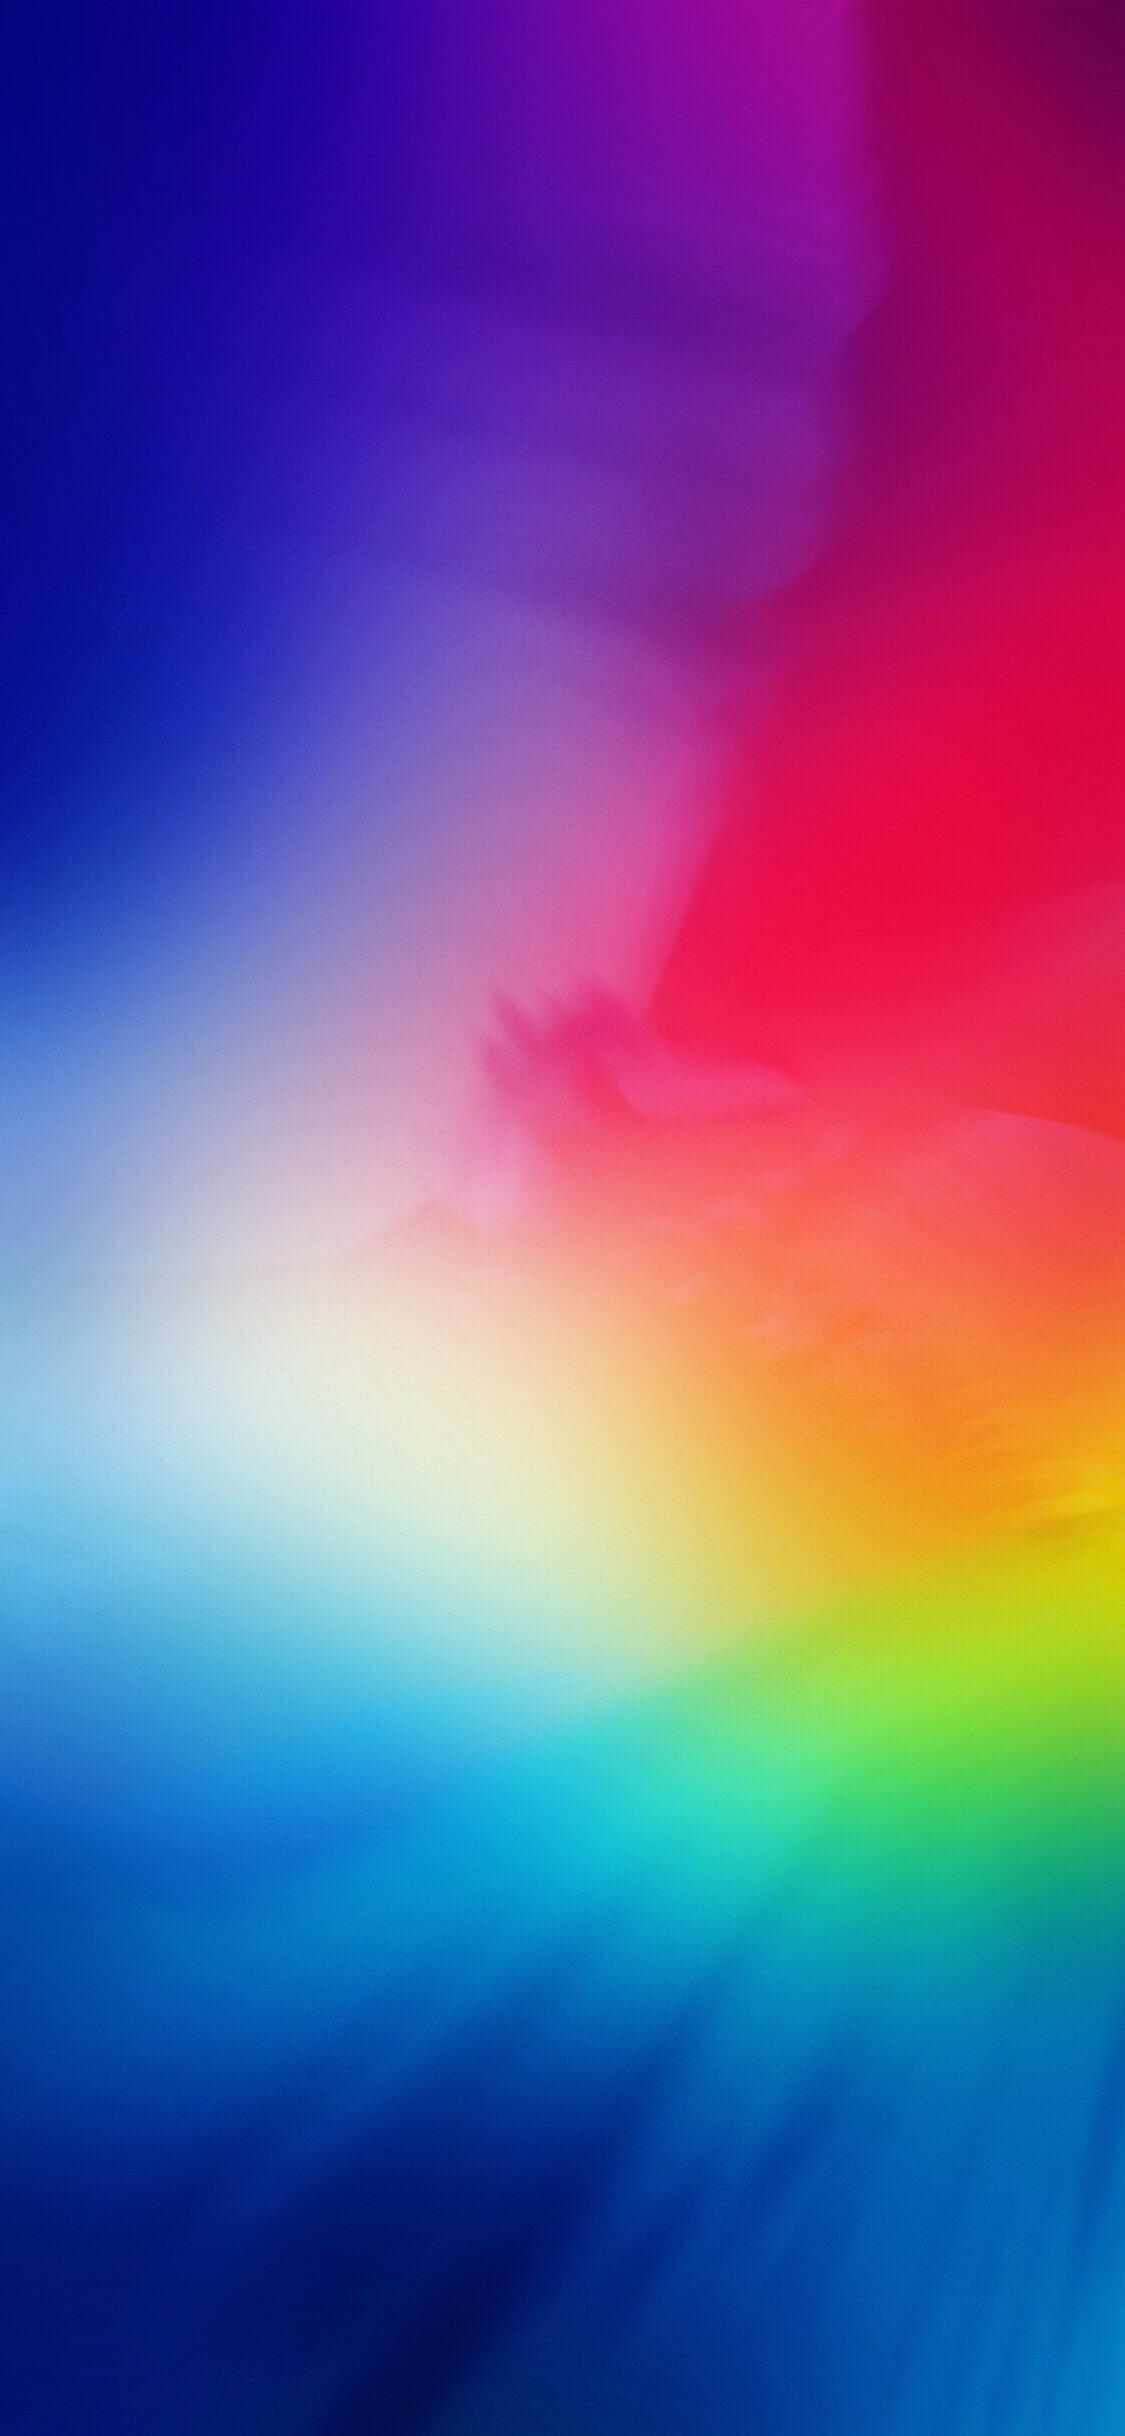 iOS 12 Wallpaper Mod by AR7 | Fond ecran | Sfondi, Cellulari et iOS